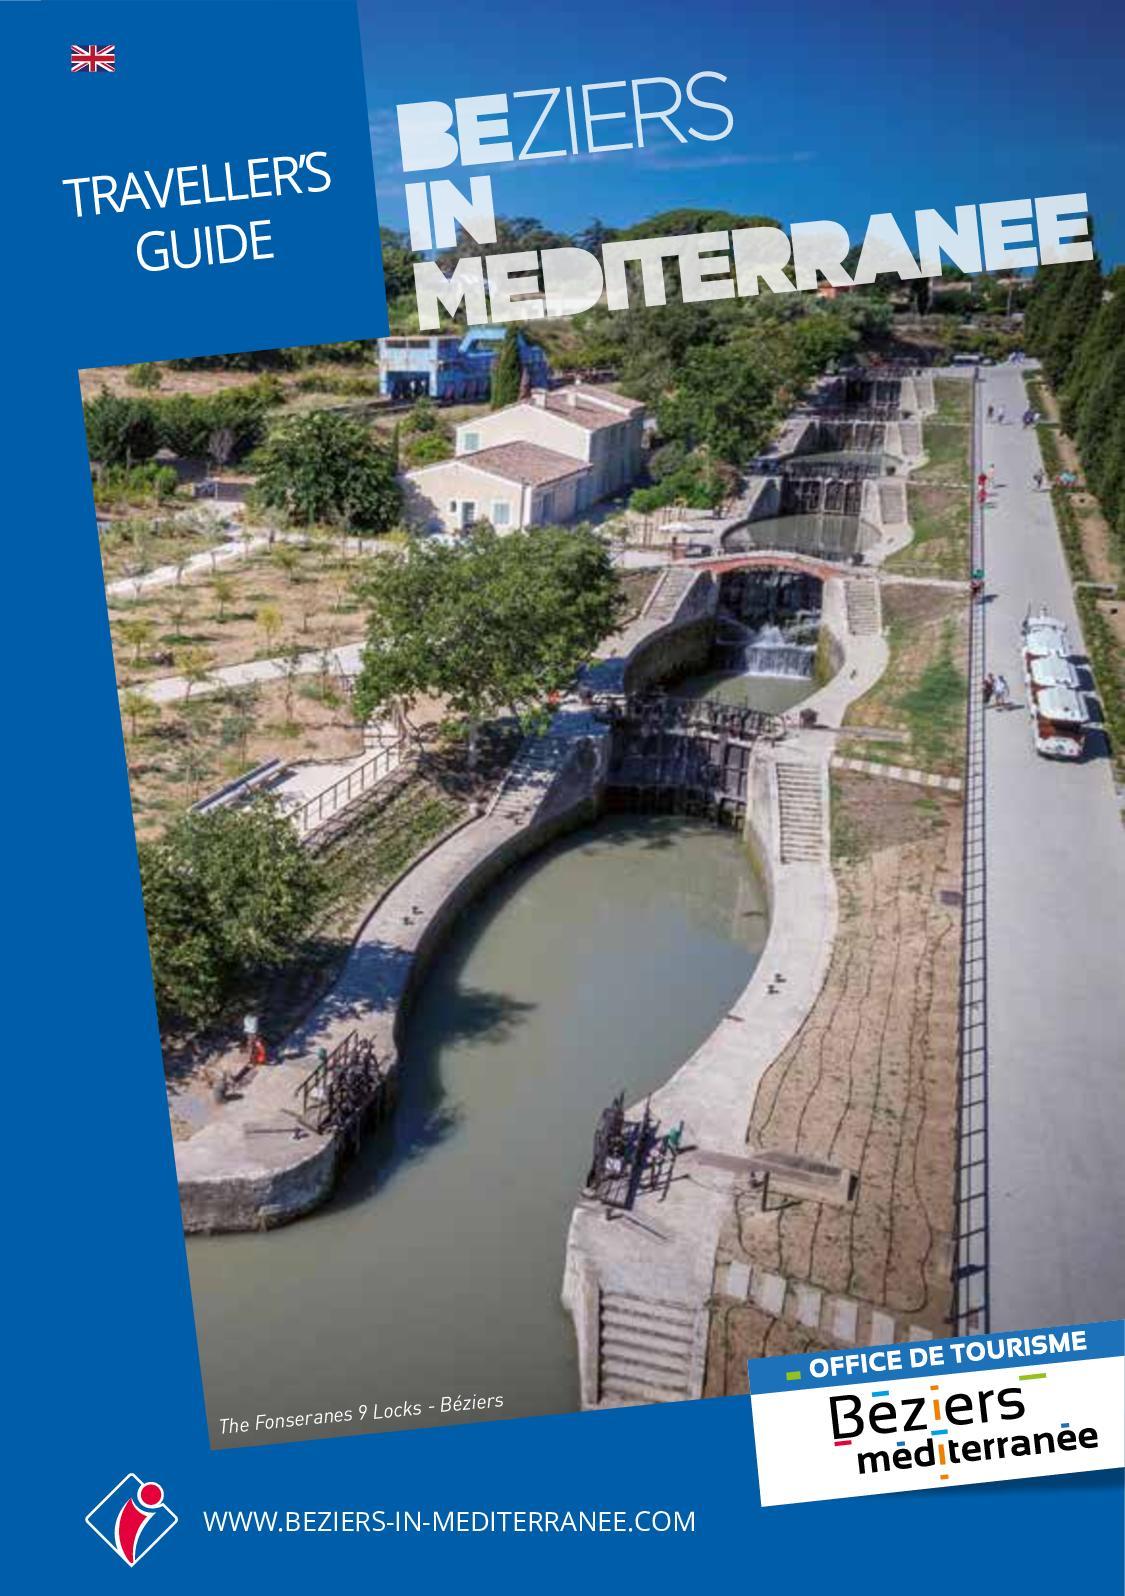 Pin Parasol Distance Maison calaméo - traveller's guide - béziers méditerranée